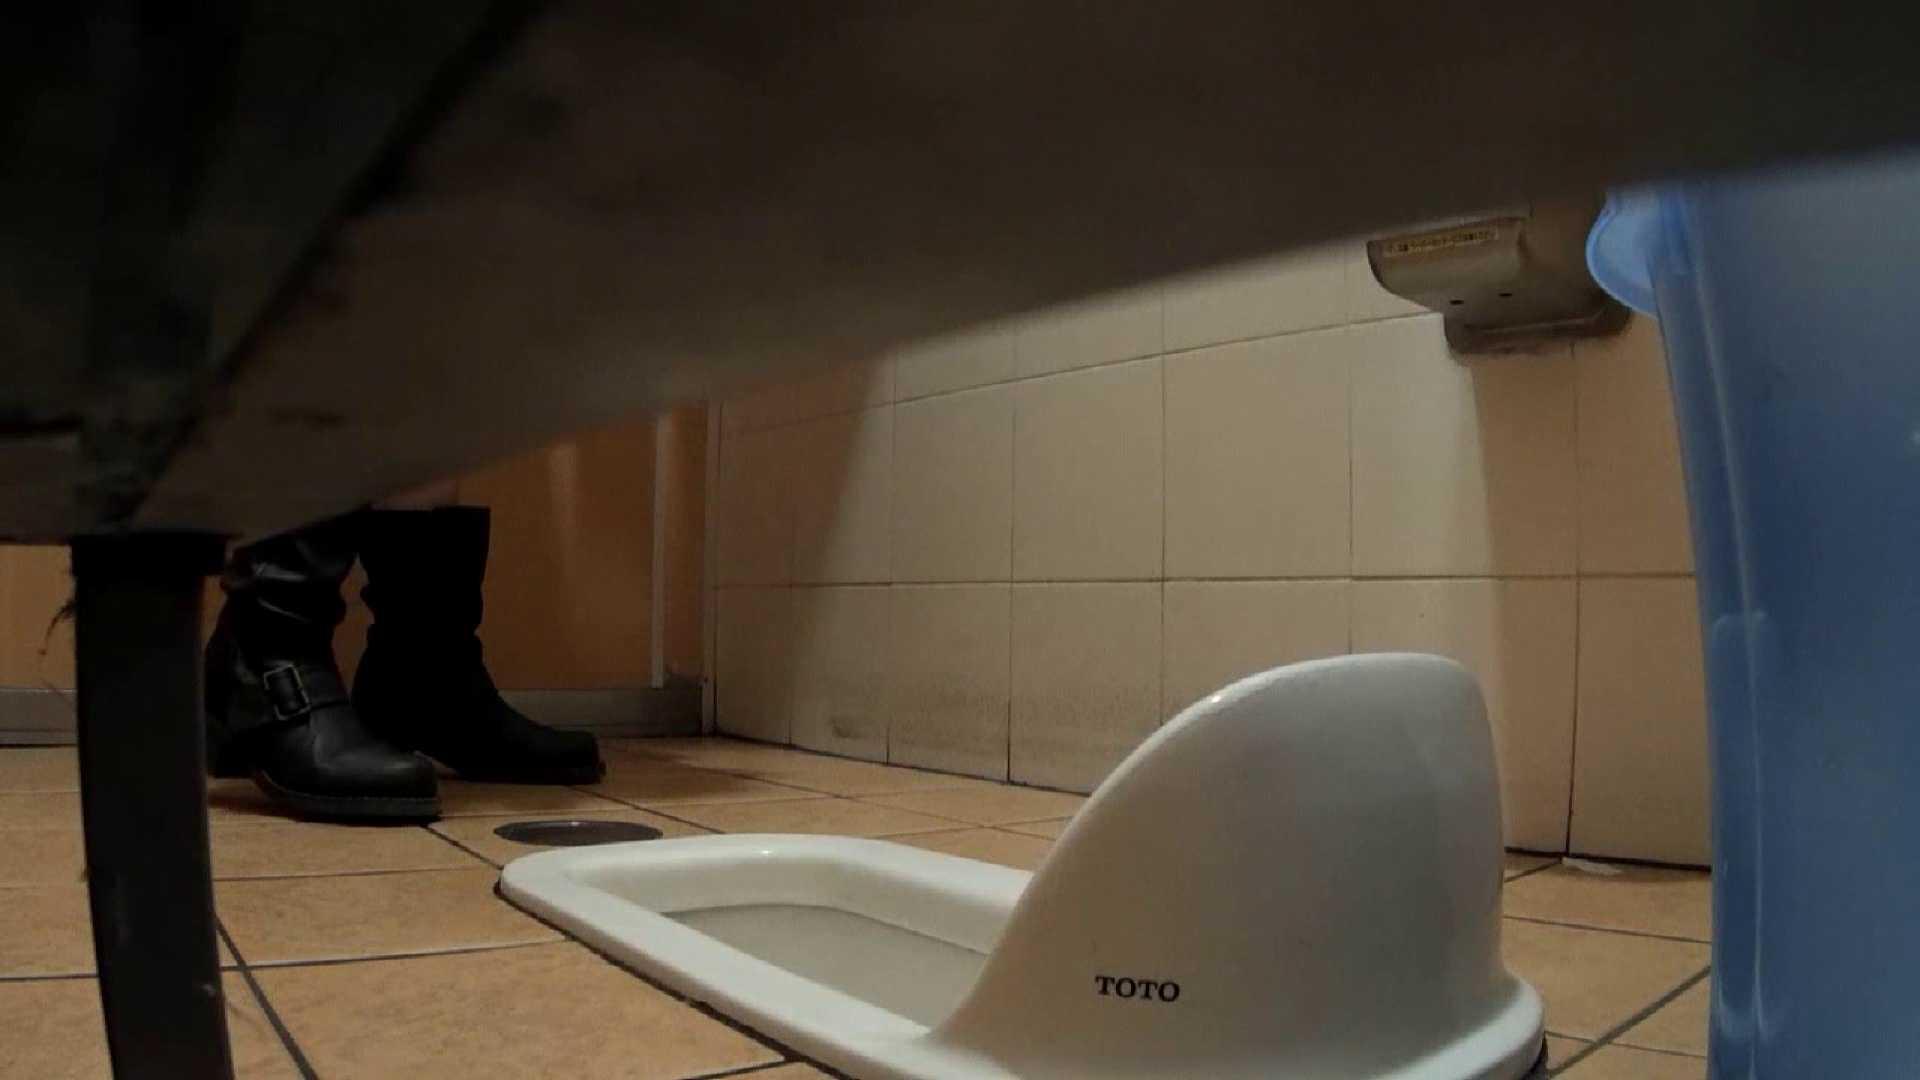 痴態洗面所 Vol.02 マスクが邪魔なんですよ。マスクが・・・。 高画質 オマンコ無修正動画無料 52画像 44